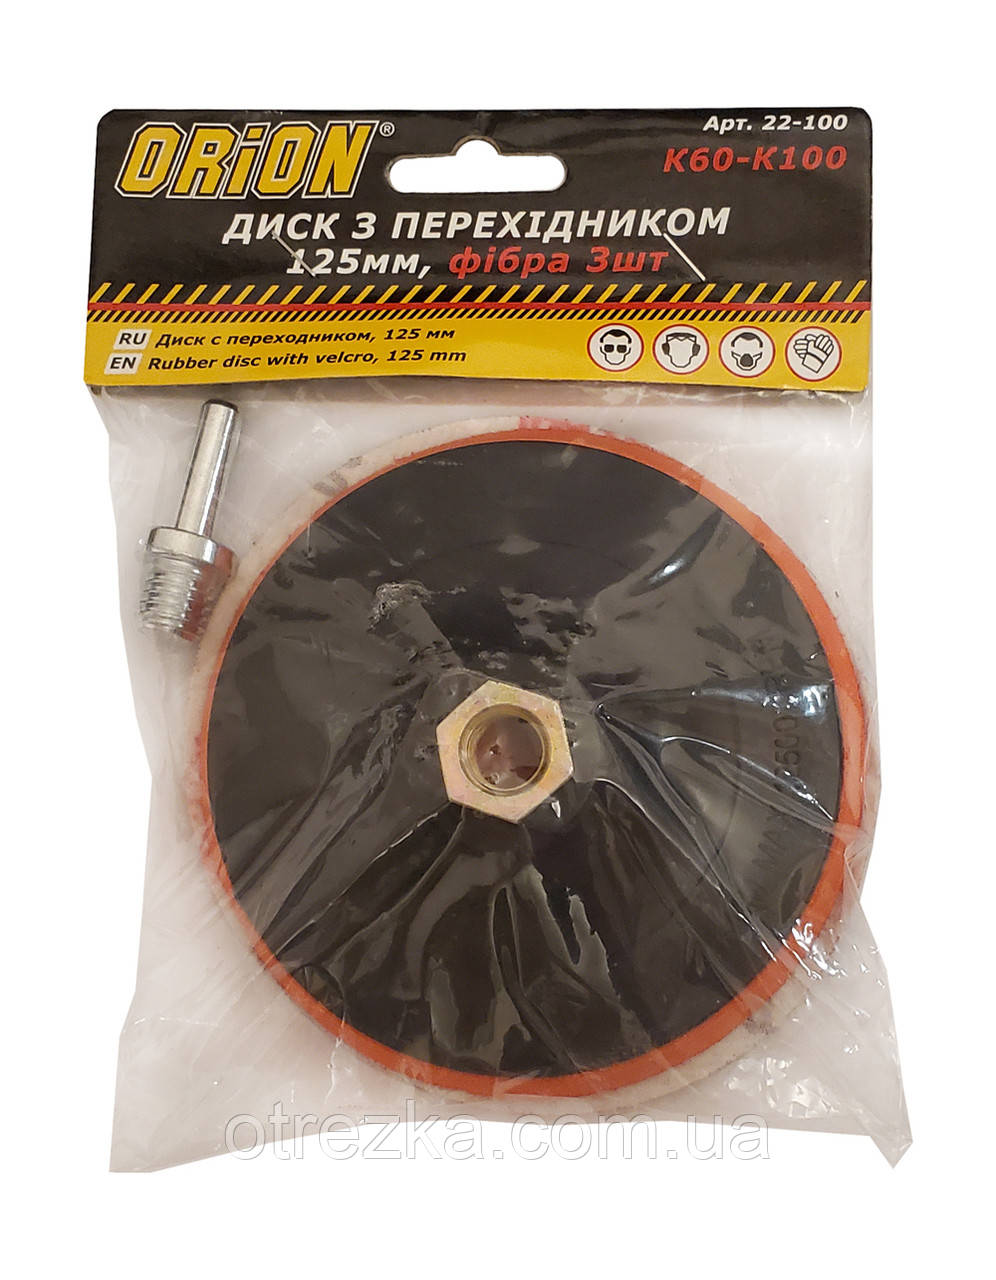 Диск универсальный под липучку ORION  125х10 мм. с переходником ,фибра 3 шт.